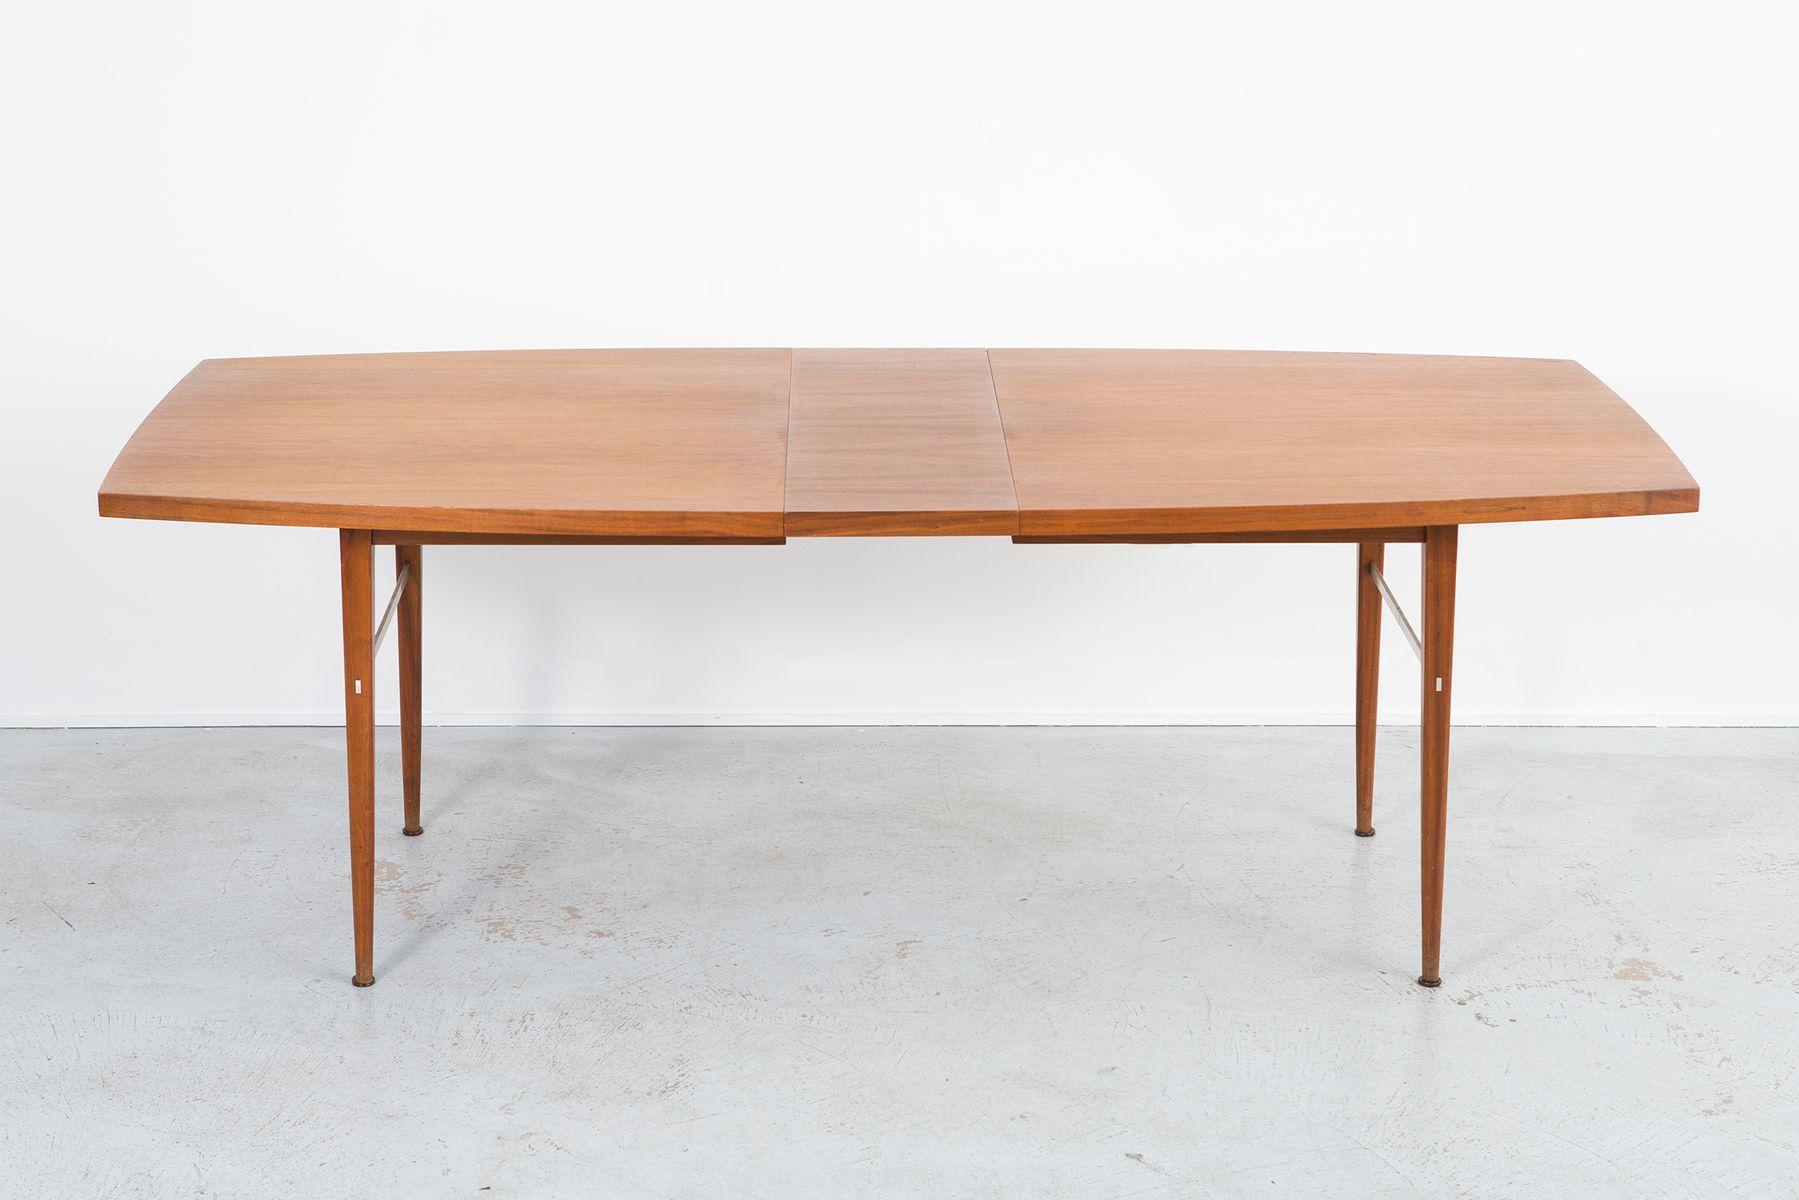 esstisch von paul mccobb f r calvin 1950er bei pamono kaufen. Black Bedroom Furniture Sets. Home Design Ideas